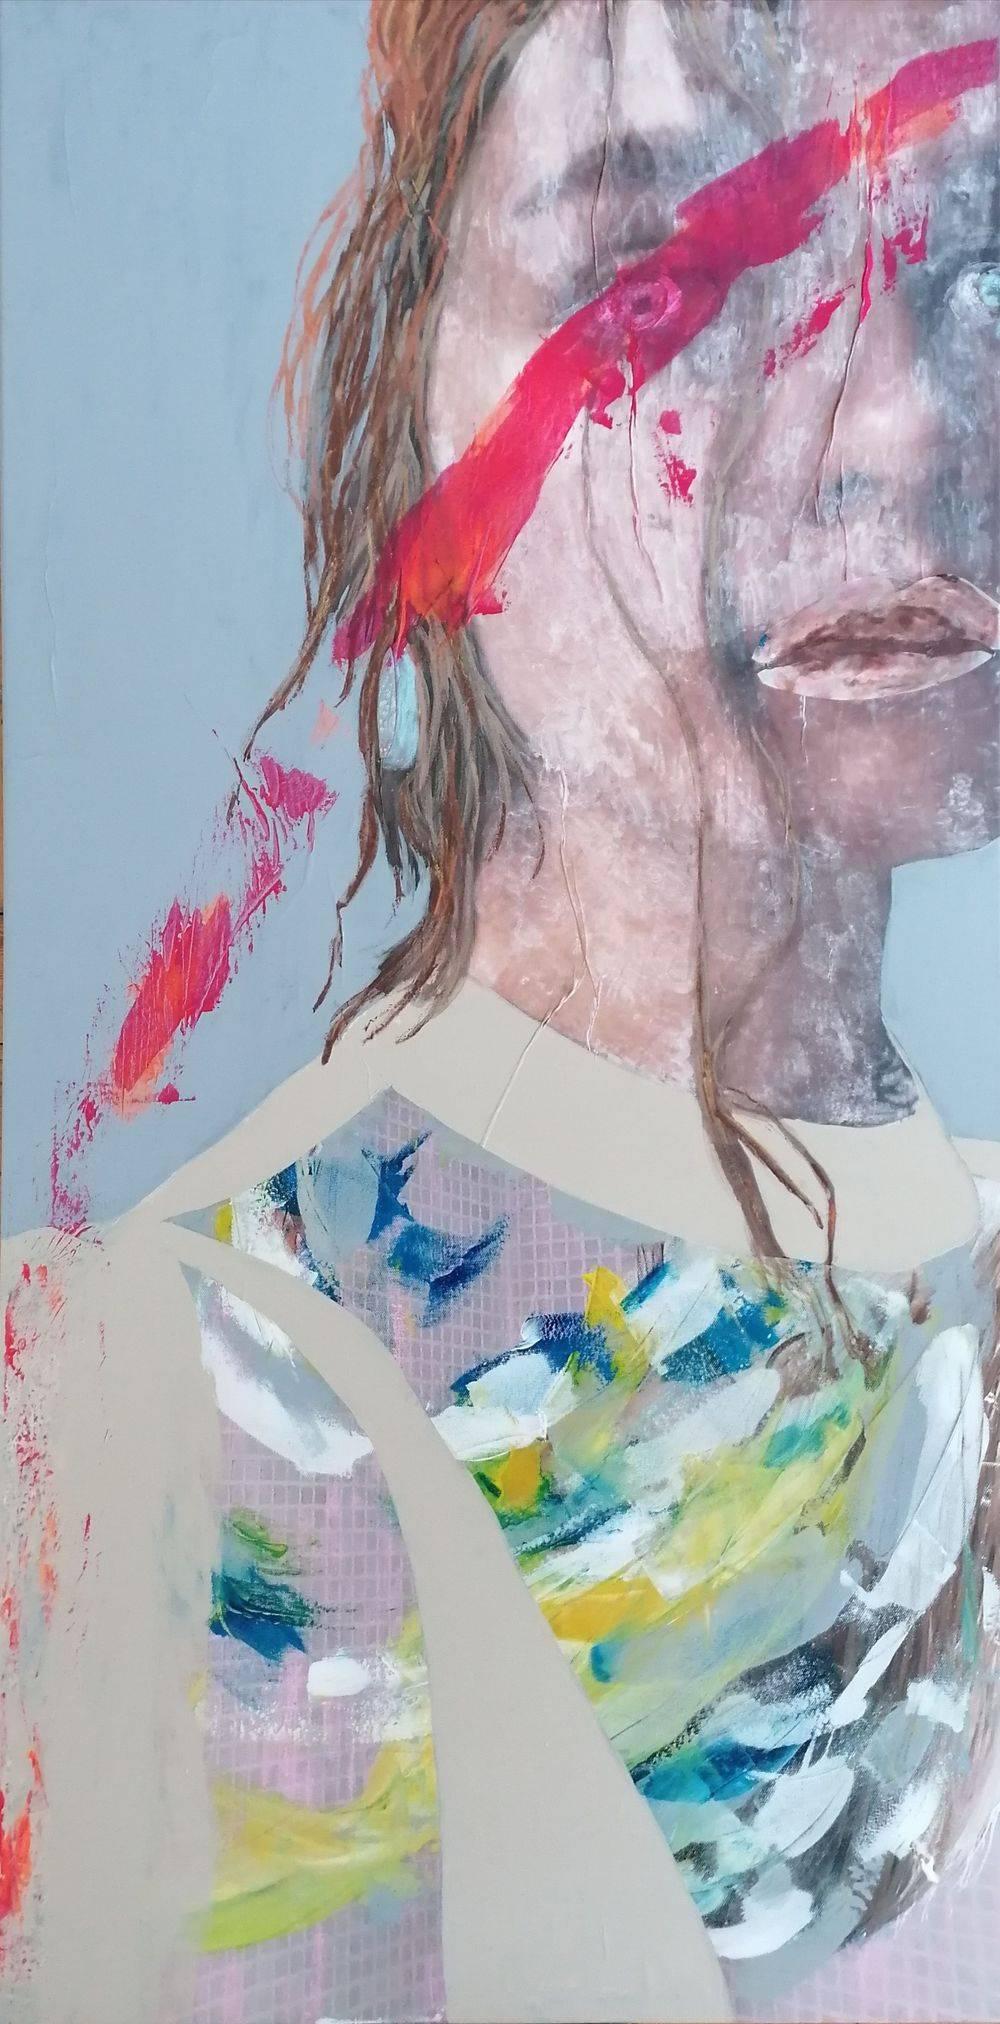 Aquarelle, Acrylique, Portrait, Femme, Histoire de l'art, Peinture